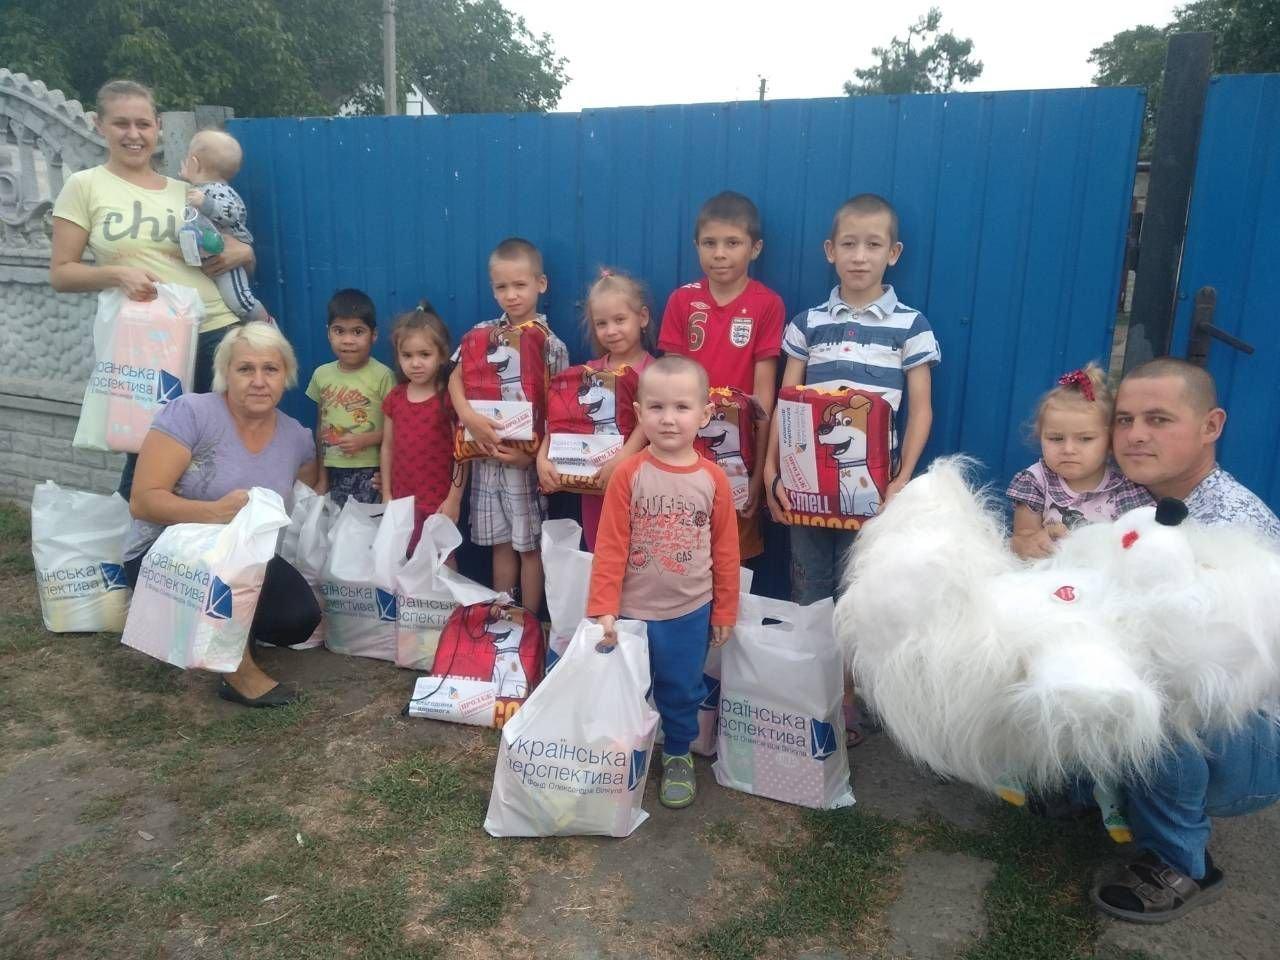 Фонд Вилкула продолжает помогать детским домам семейного типа, многодетным и приемным семьям, фото-2